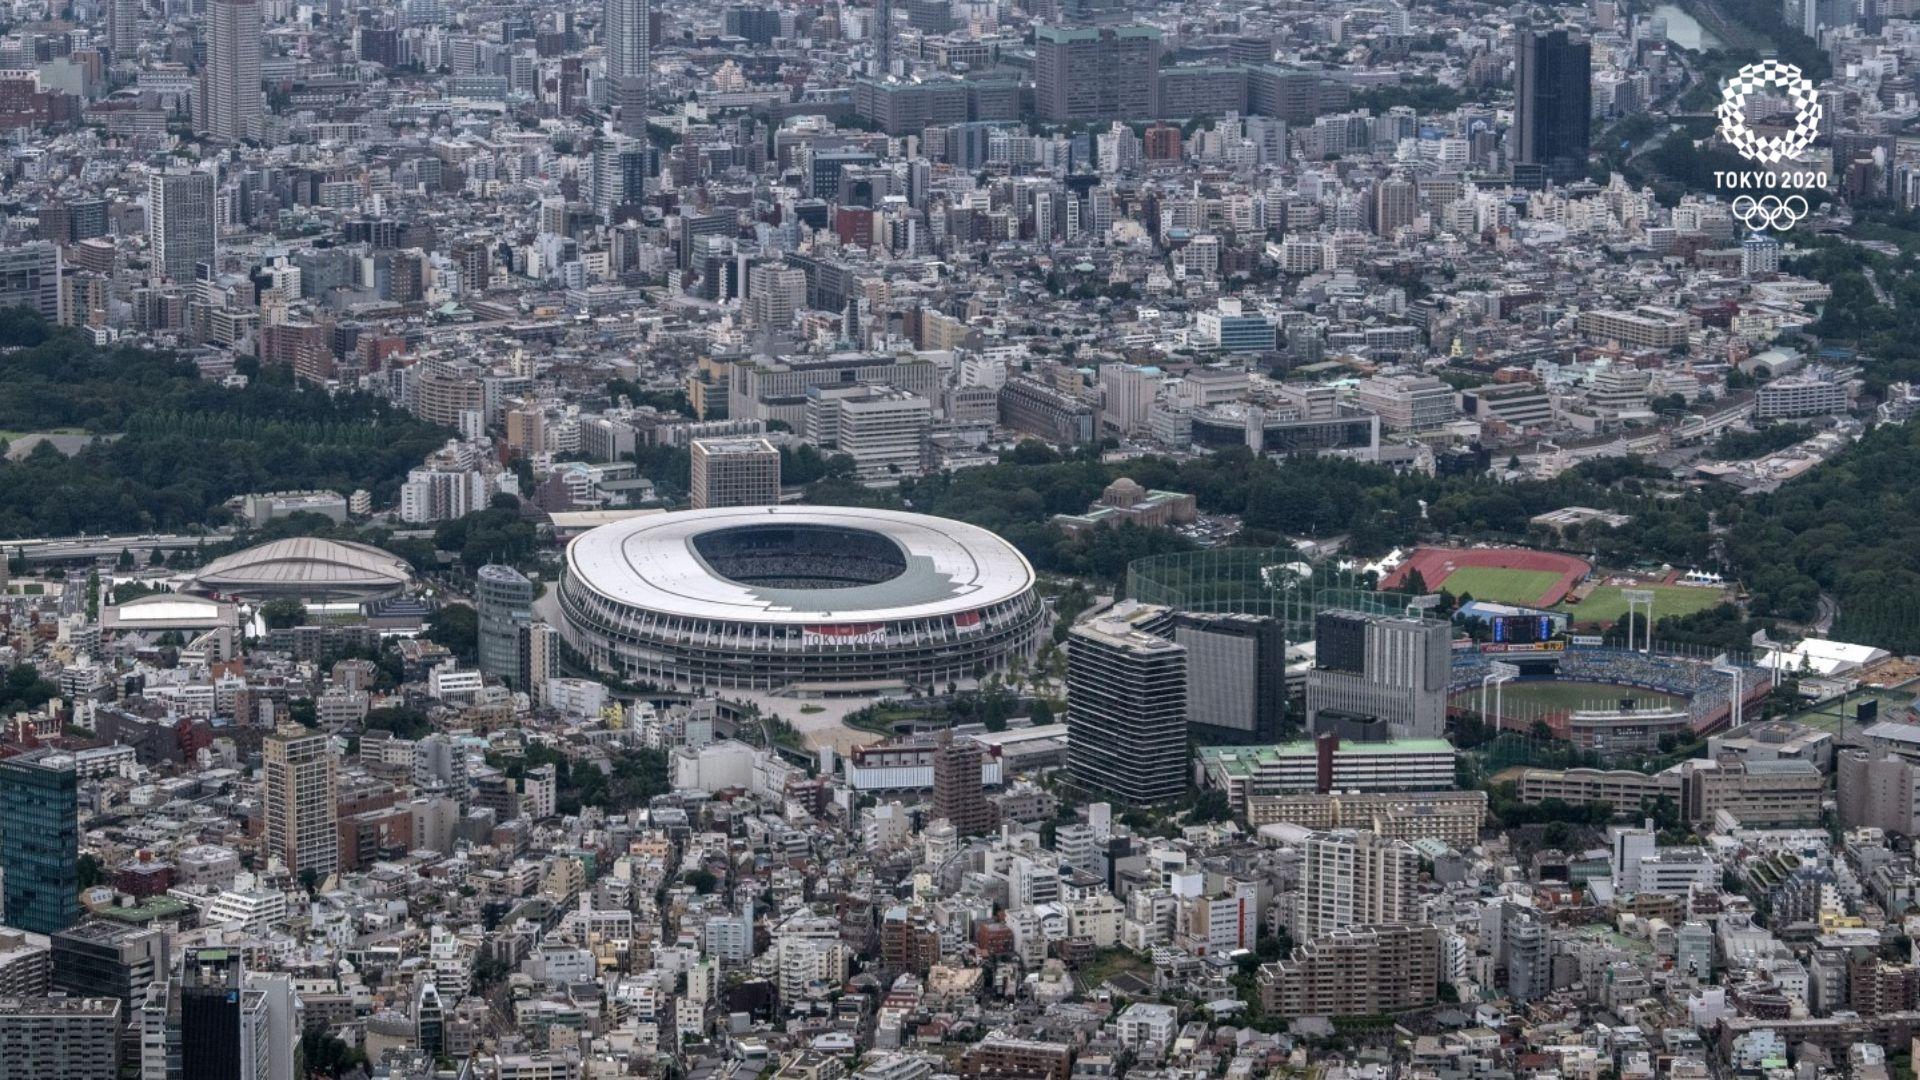 Япония обяви извънредно положение, обмислят и пълно спиране на фенове за игрите